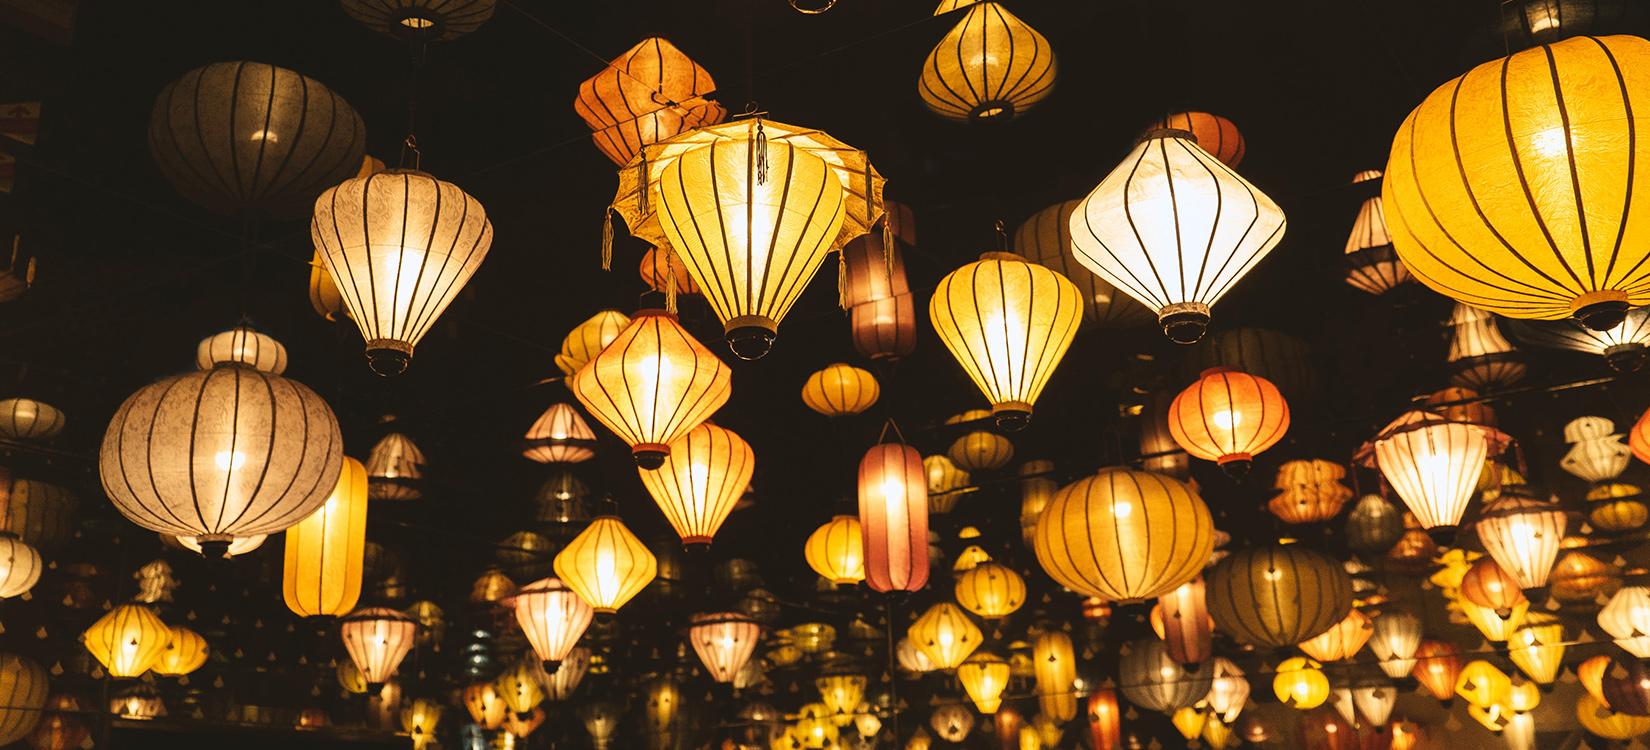 Pozvánka: Lampionový průvod